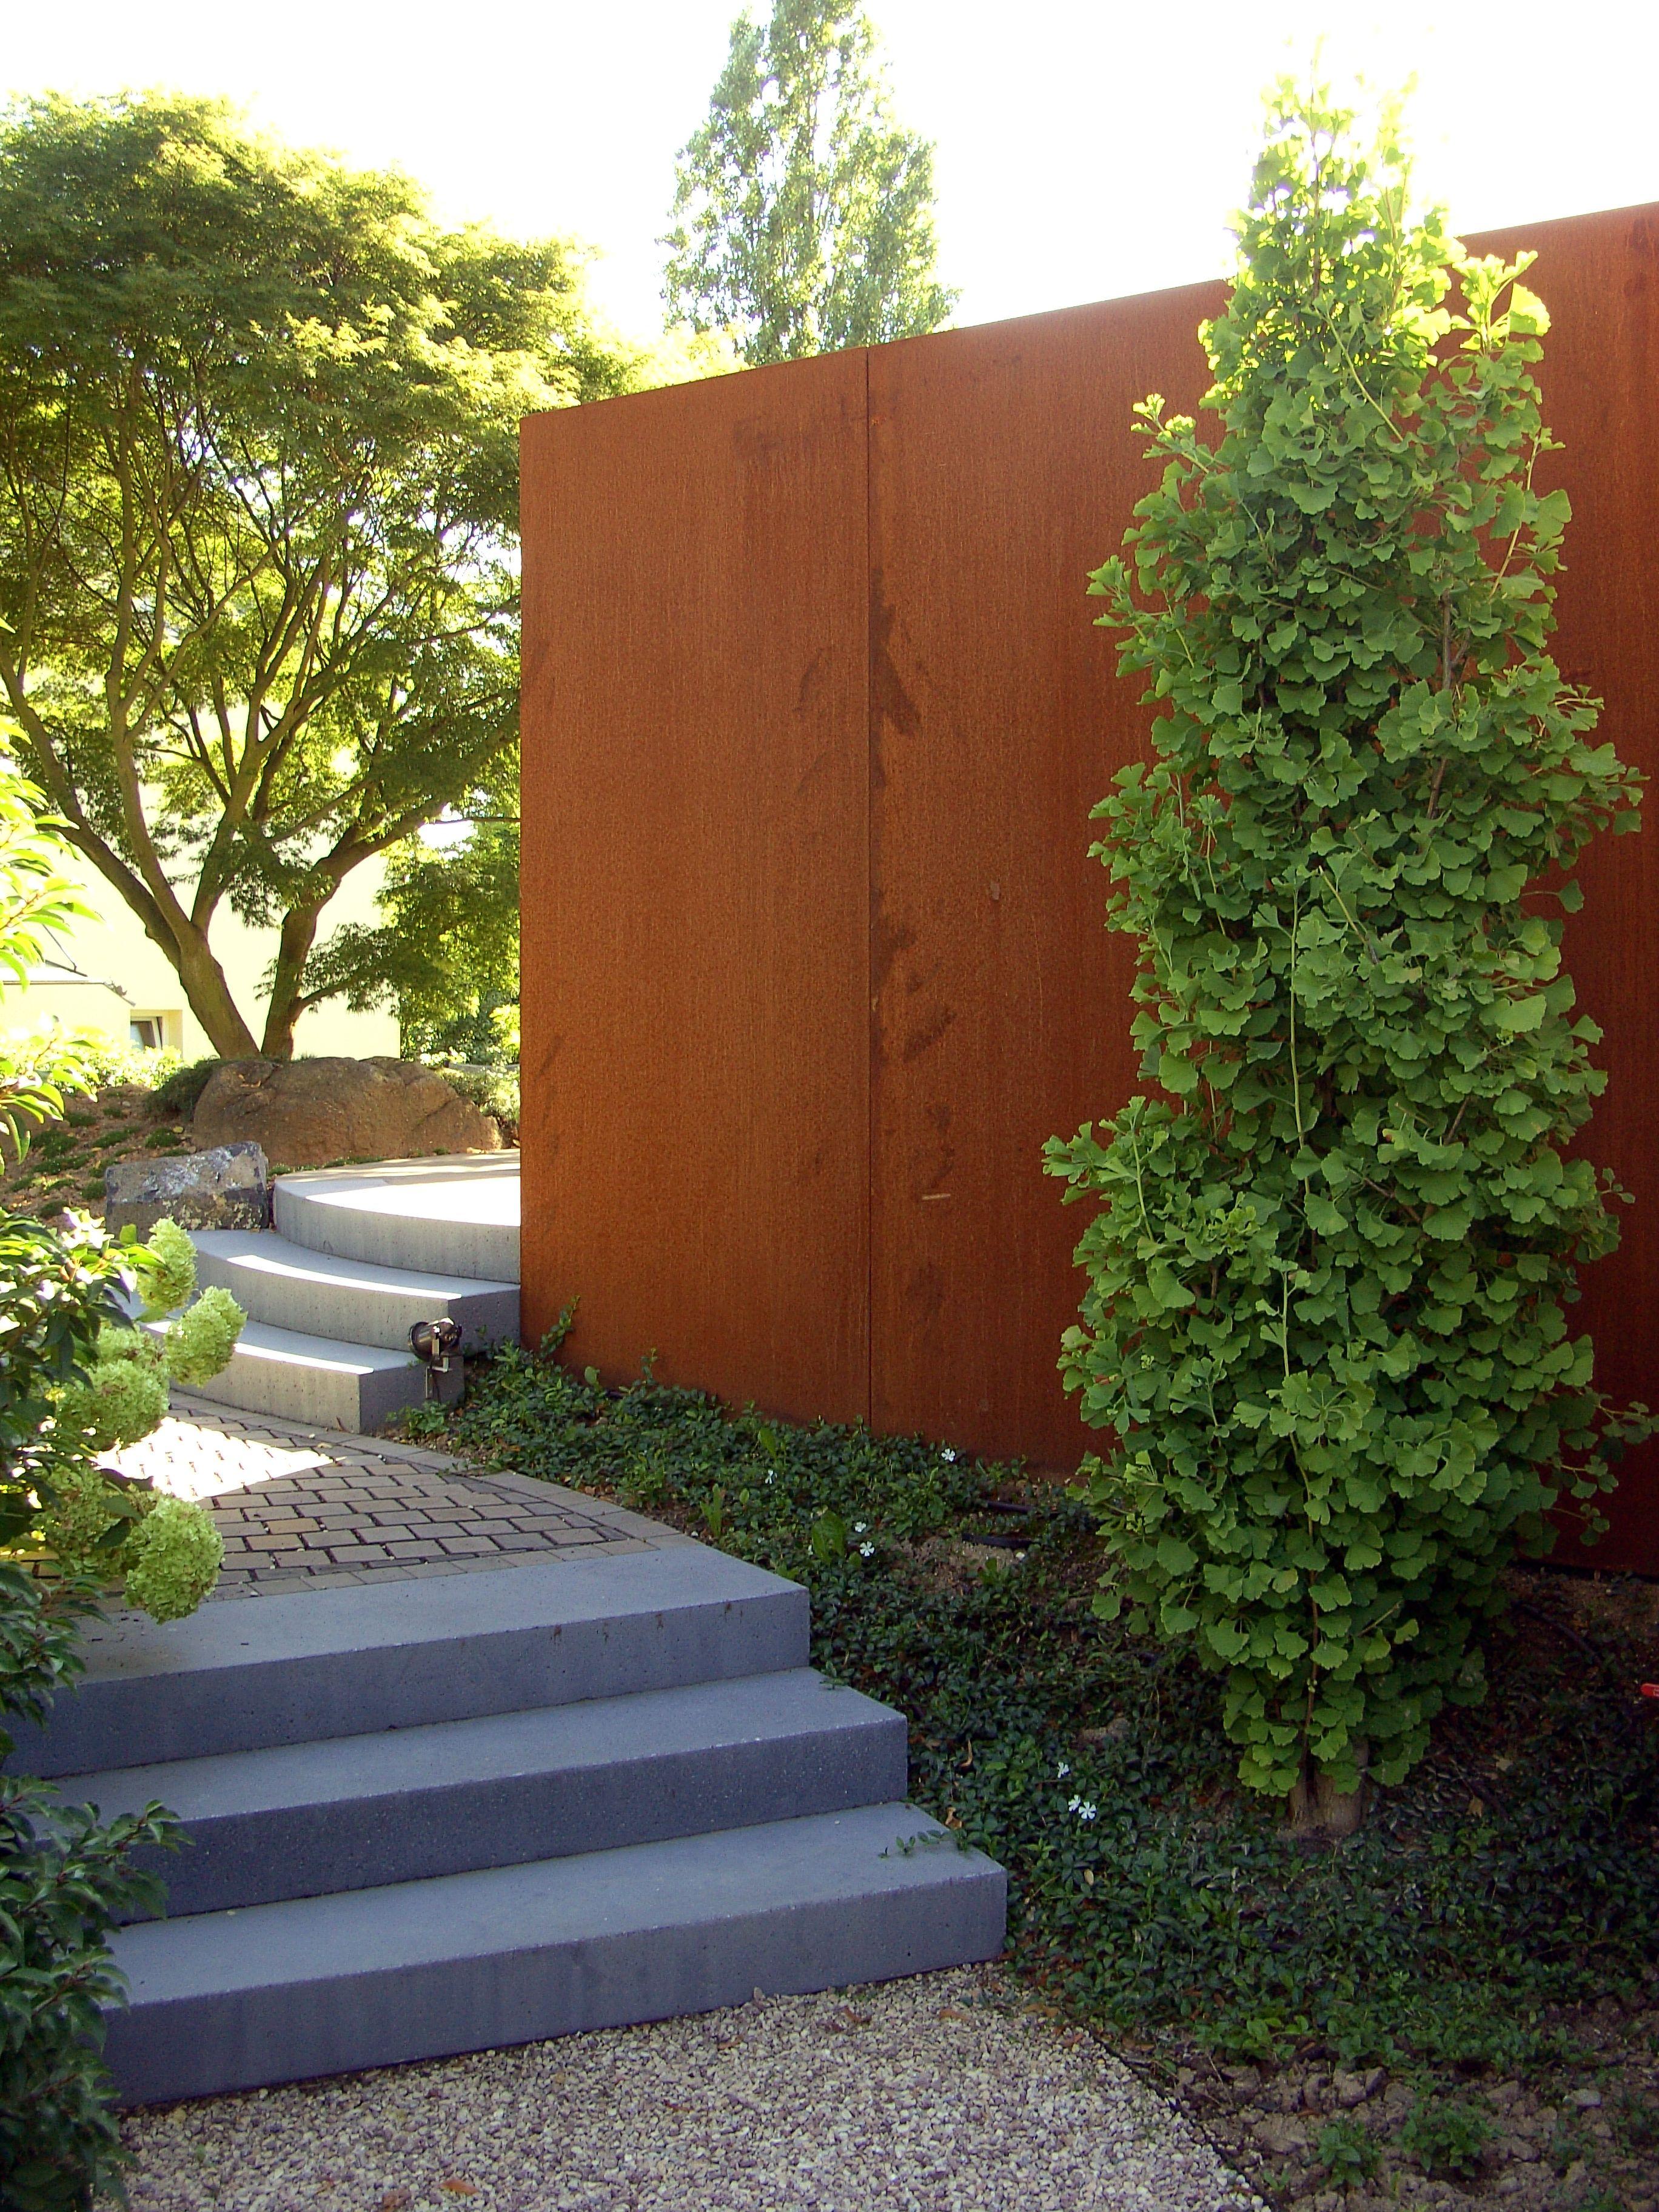 Cortenstahlwand als sichtschutz in wohngarten mit asiatischen elementen fertiggstellte - Garten asiatisch ...